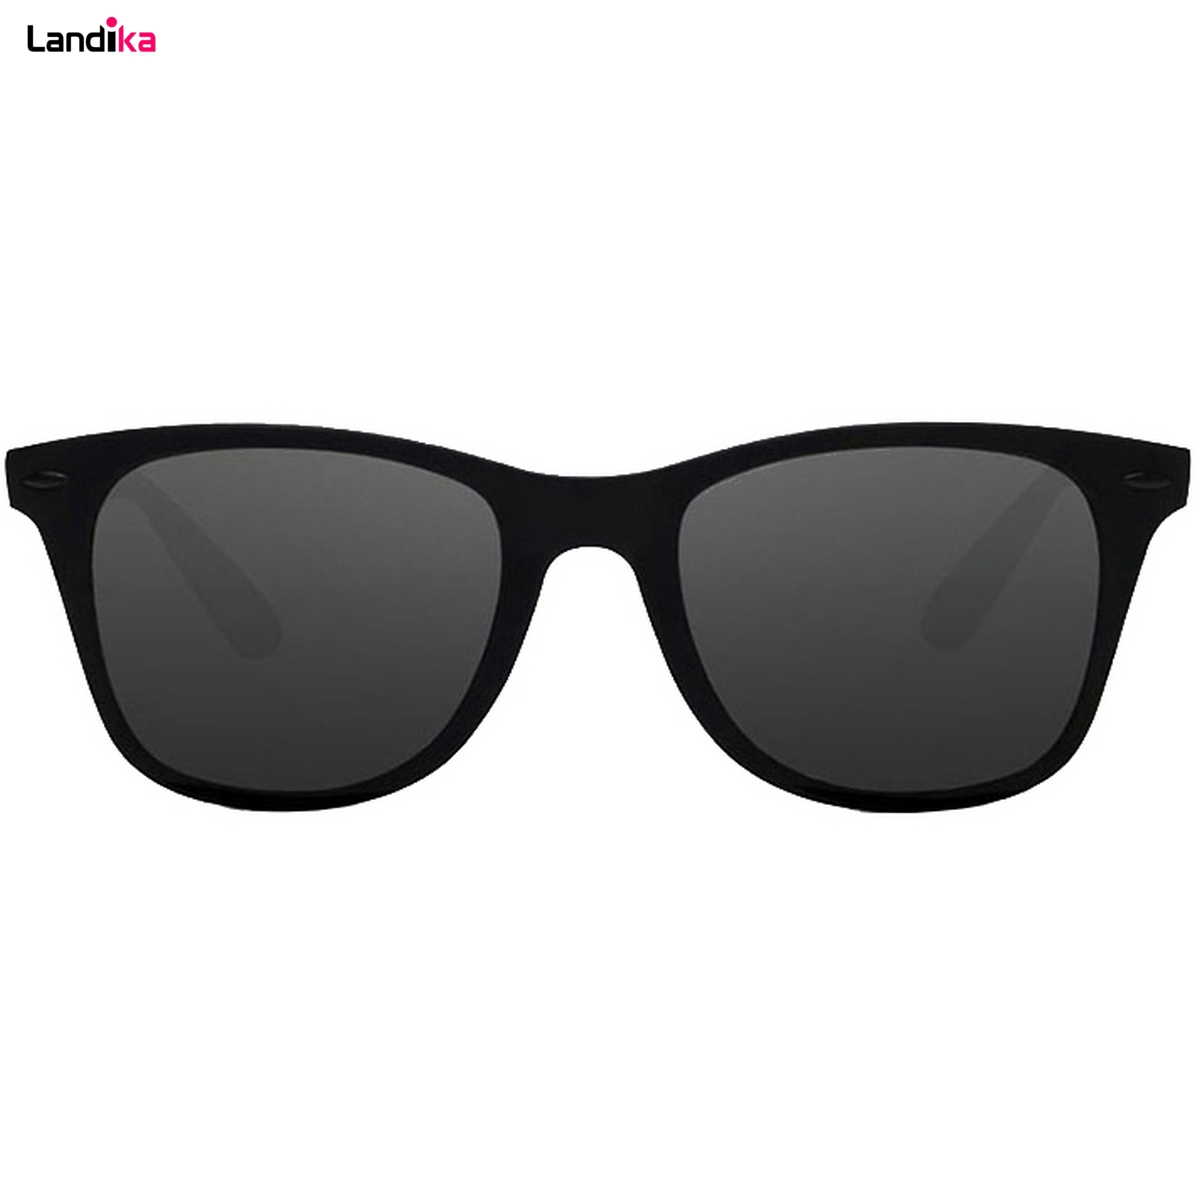 تصویر عینک آفتابی شیائومی مدل Turok Steinhardt STR004-0120 Turok Steinhardt STR004-0120